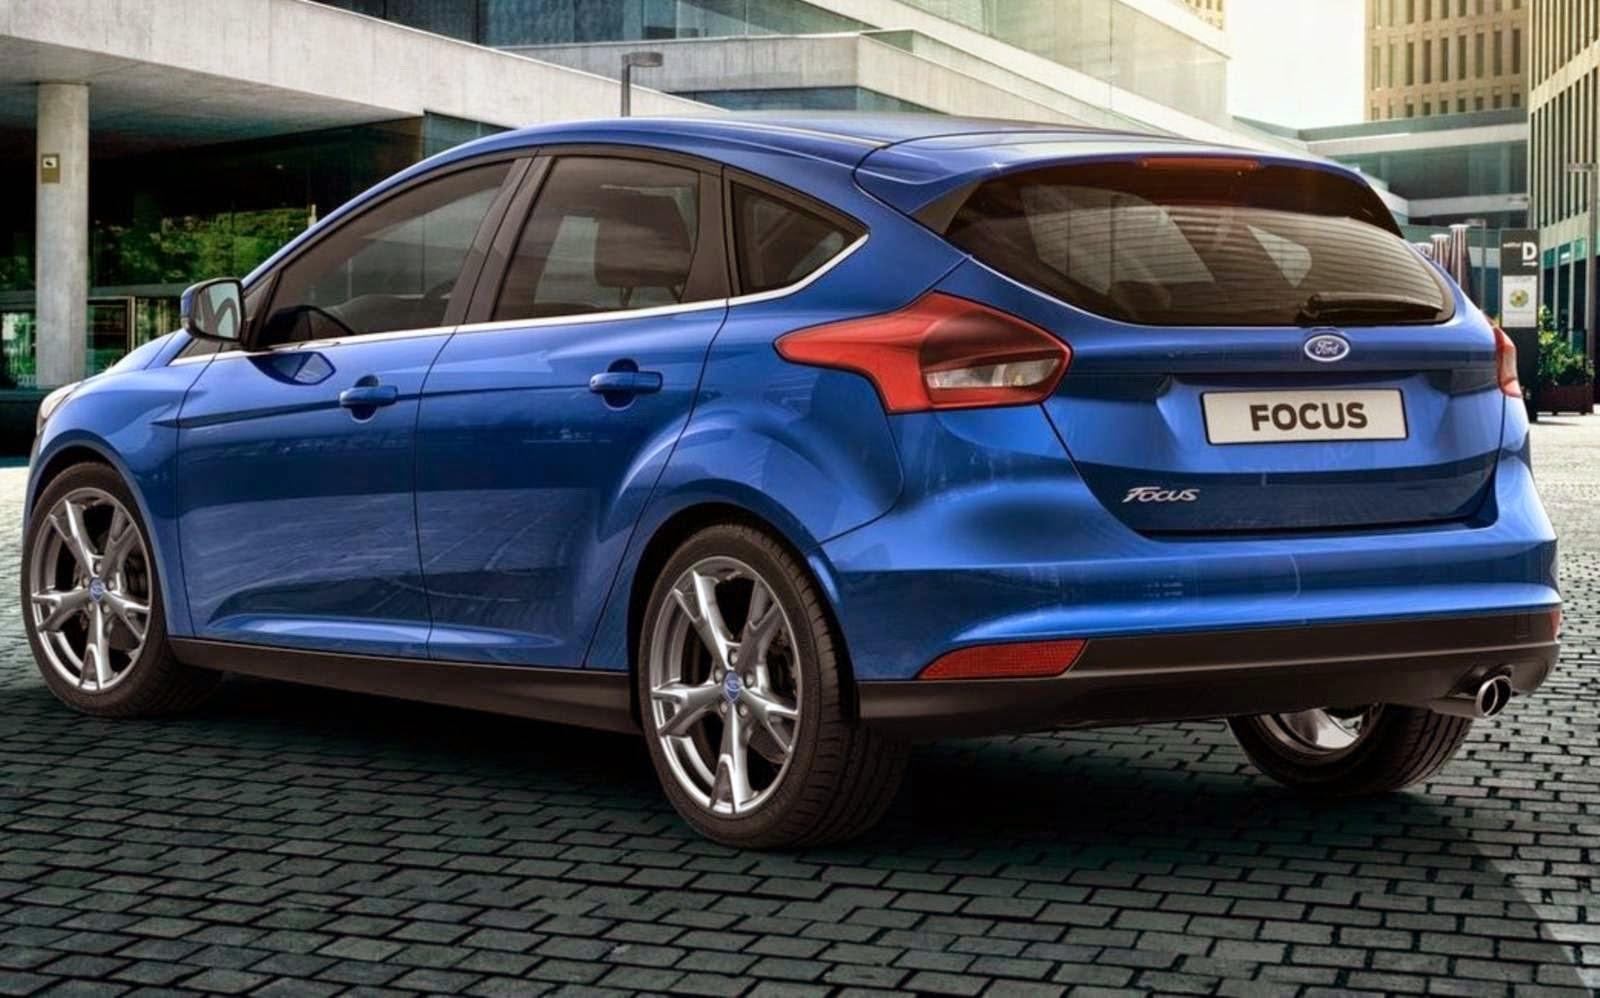 novo ford focus 2015 preço